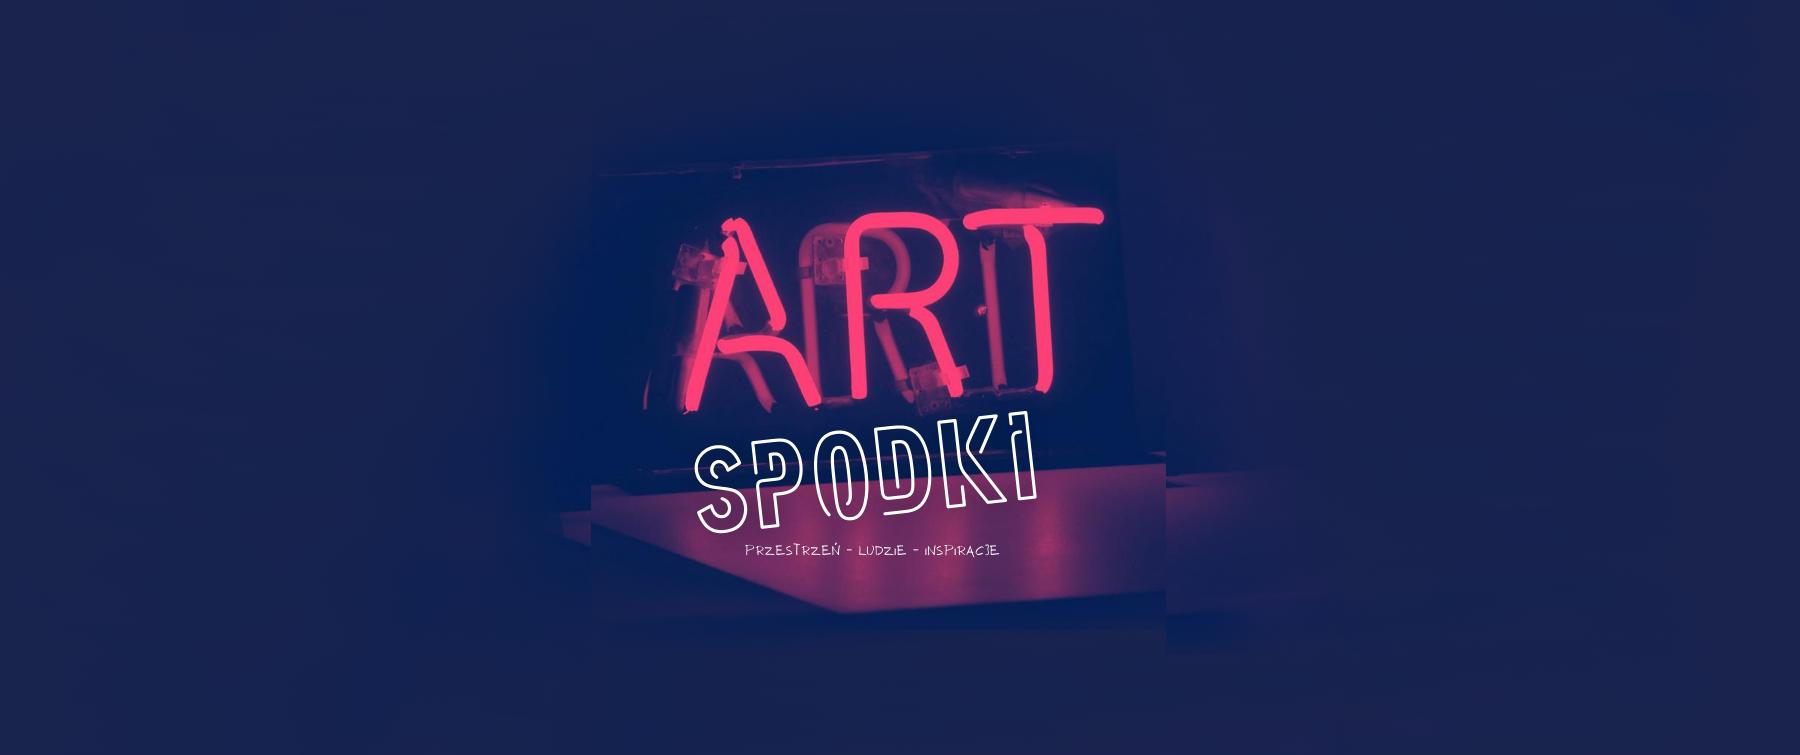 ART Spodki – warsztaty